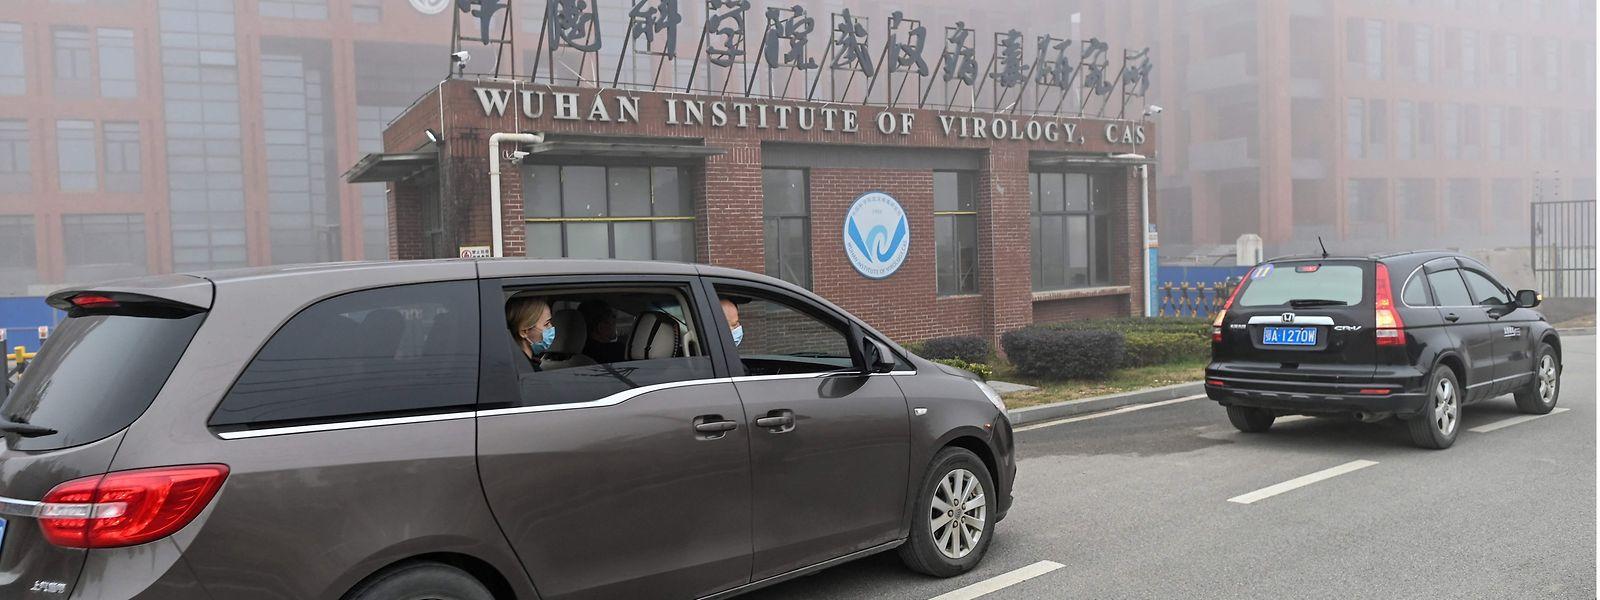 Auf gut 120 Seiten beschreiben die Wissenschaftler im WHO-Bericht ihre Suche nach dem Ursprung des Corona-Virus in Wuhan.